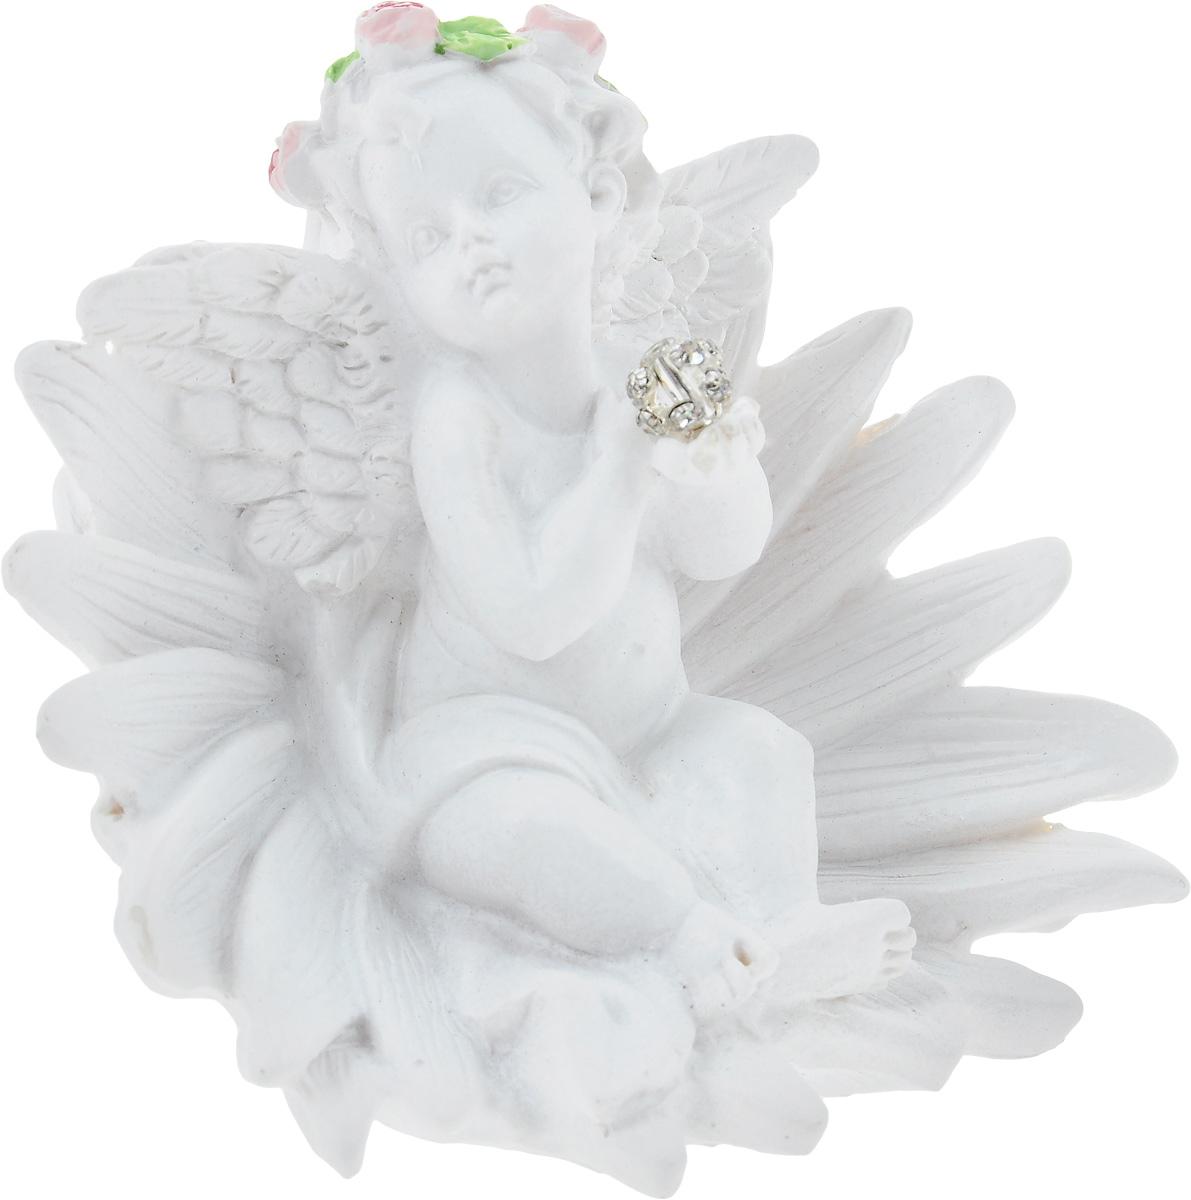 Фигурка декоративная Феникс-Презент Цветочный ангел, высота 6,8 см40177Фигурка декоративная Феникс-Презент Цветочный ангел, выполненная из полирезина, станет оригинальным подарком для всех любителей необычных вещей. Изделие имеет приятный дизайн. Изысканный сувенир станет прекрасным дополнением к интерьеру. Вы можете поставить фигурку в любом месте, где она будет удачно смотреться и радовать глаз.